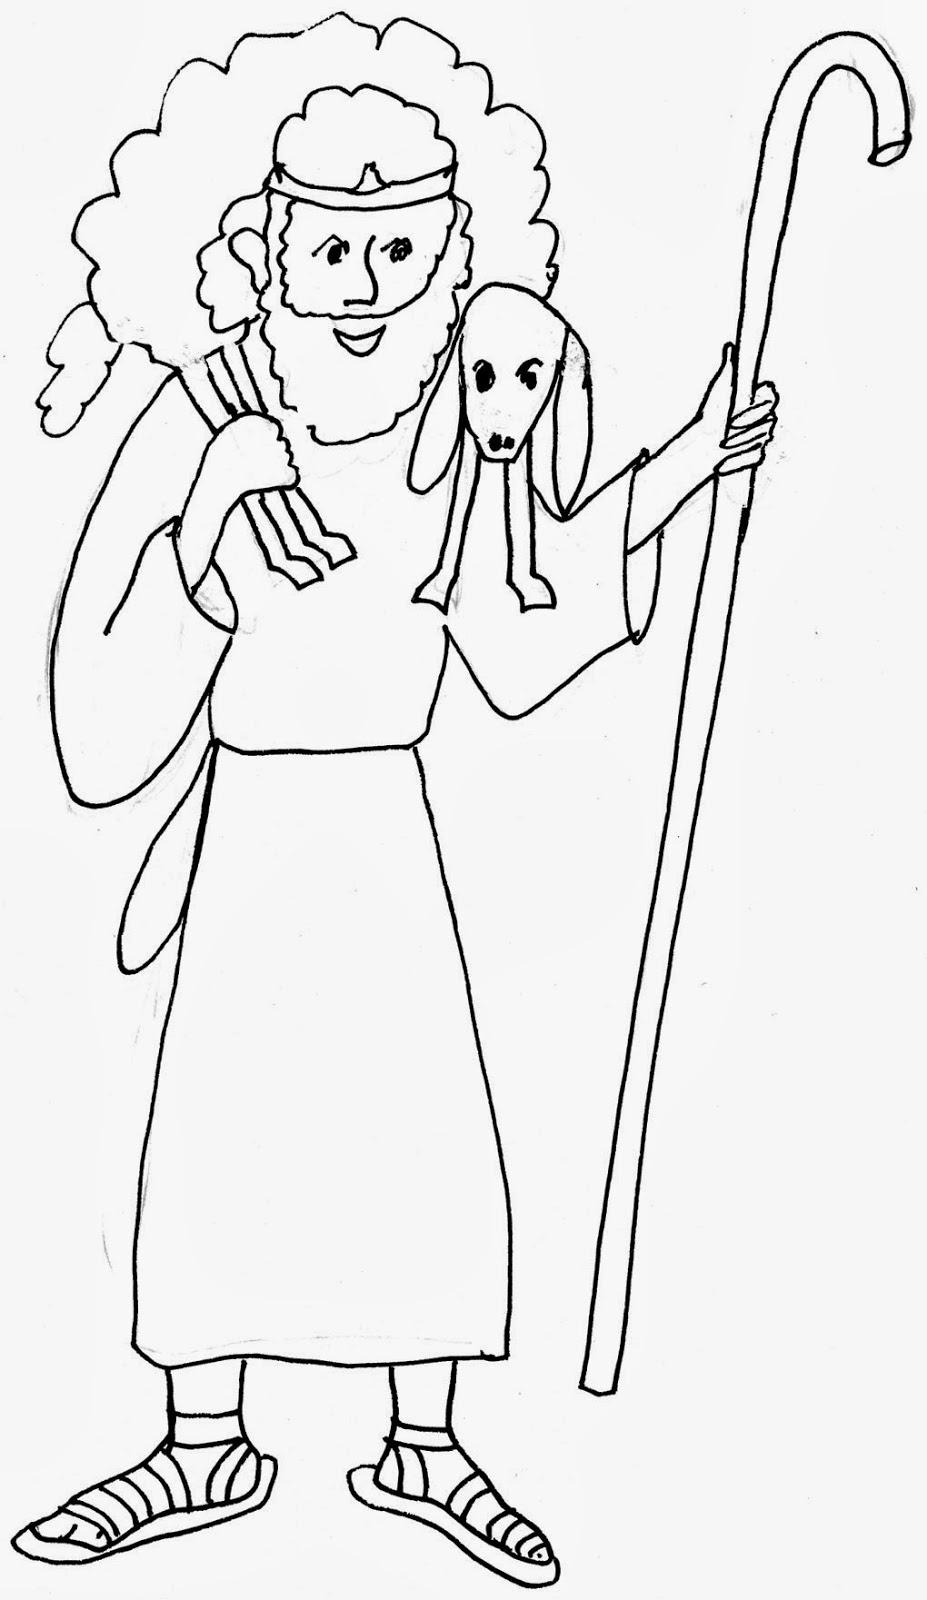 Imagenes Cristianas Para Colorear: Dibujos Para Colorear De La ...